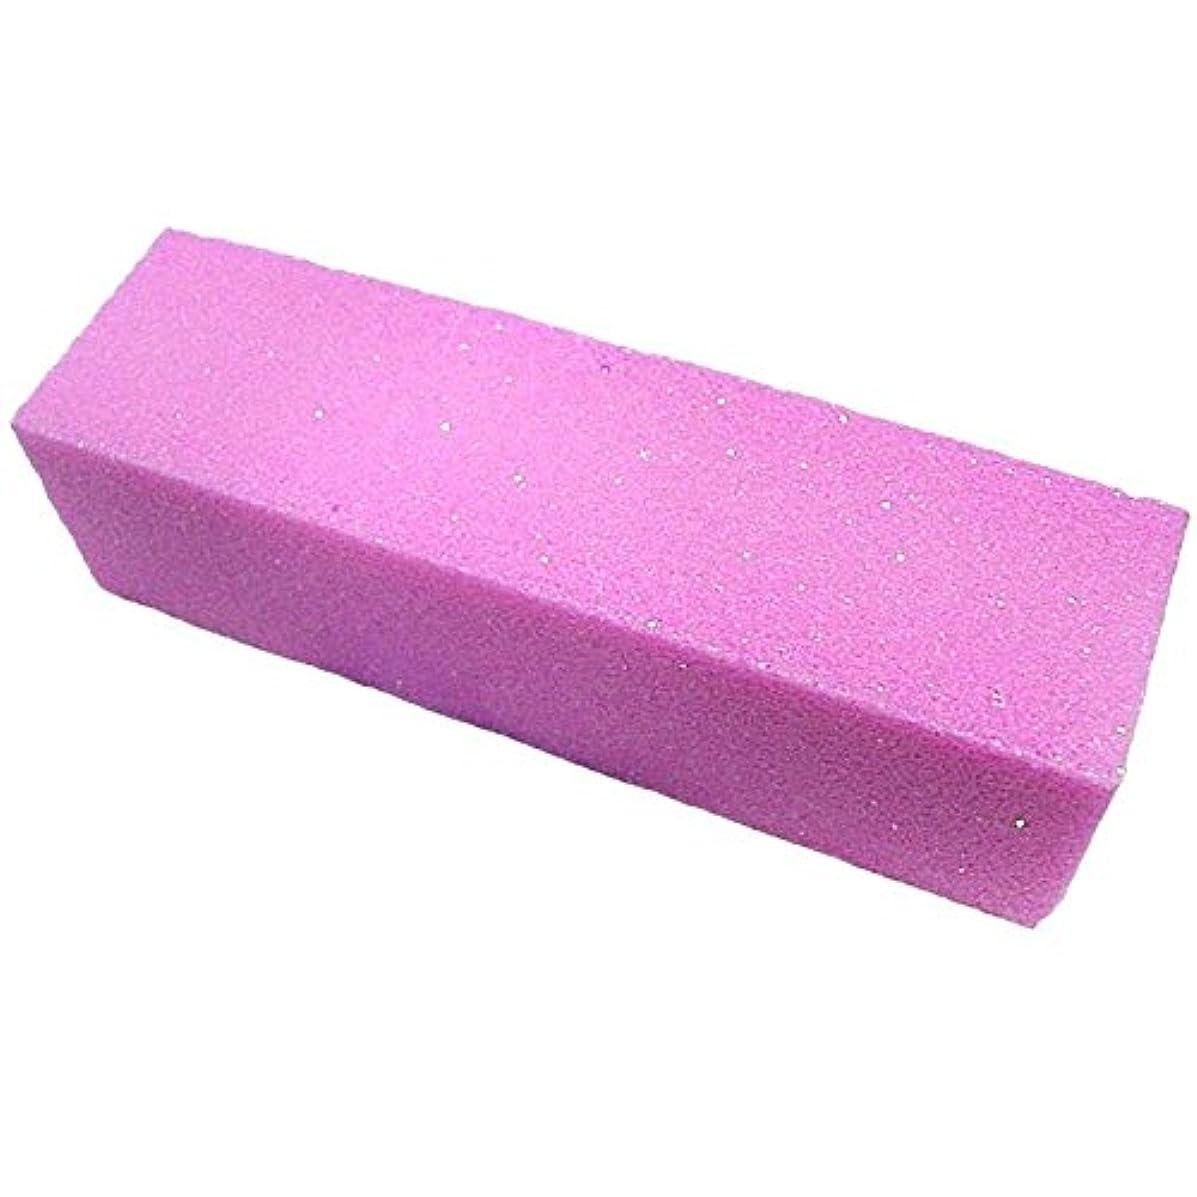 ソケット暖炉アトムNrpfell 10xピンク色のバッファバフサンディングブロックファイル マニキュアペディキュア ネイルアートの為